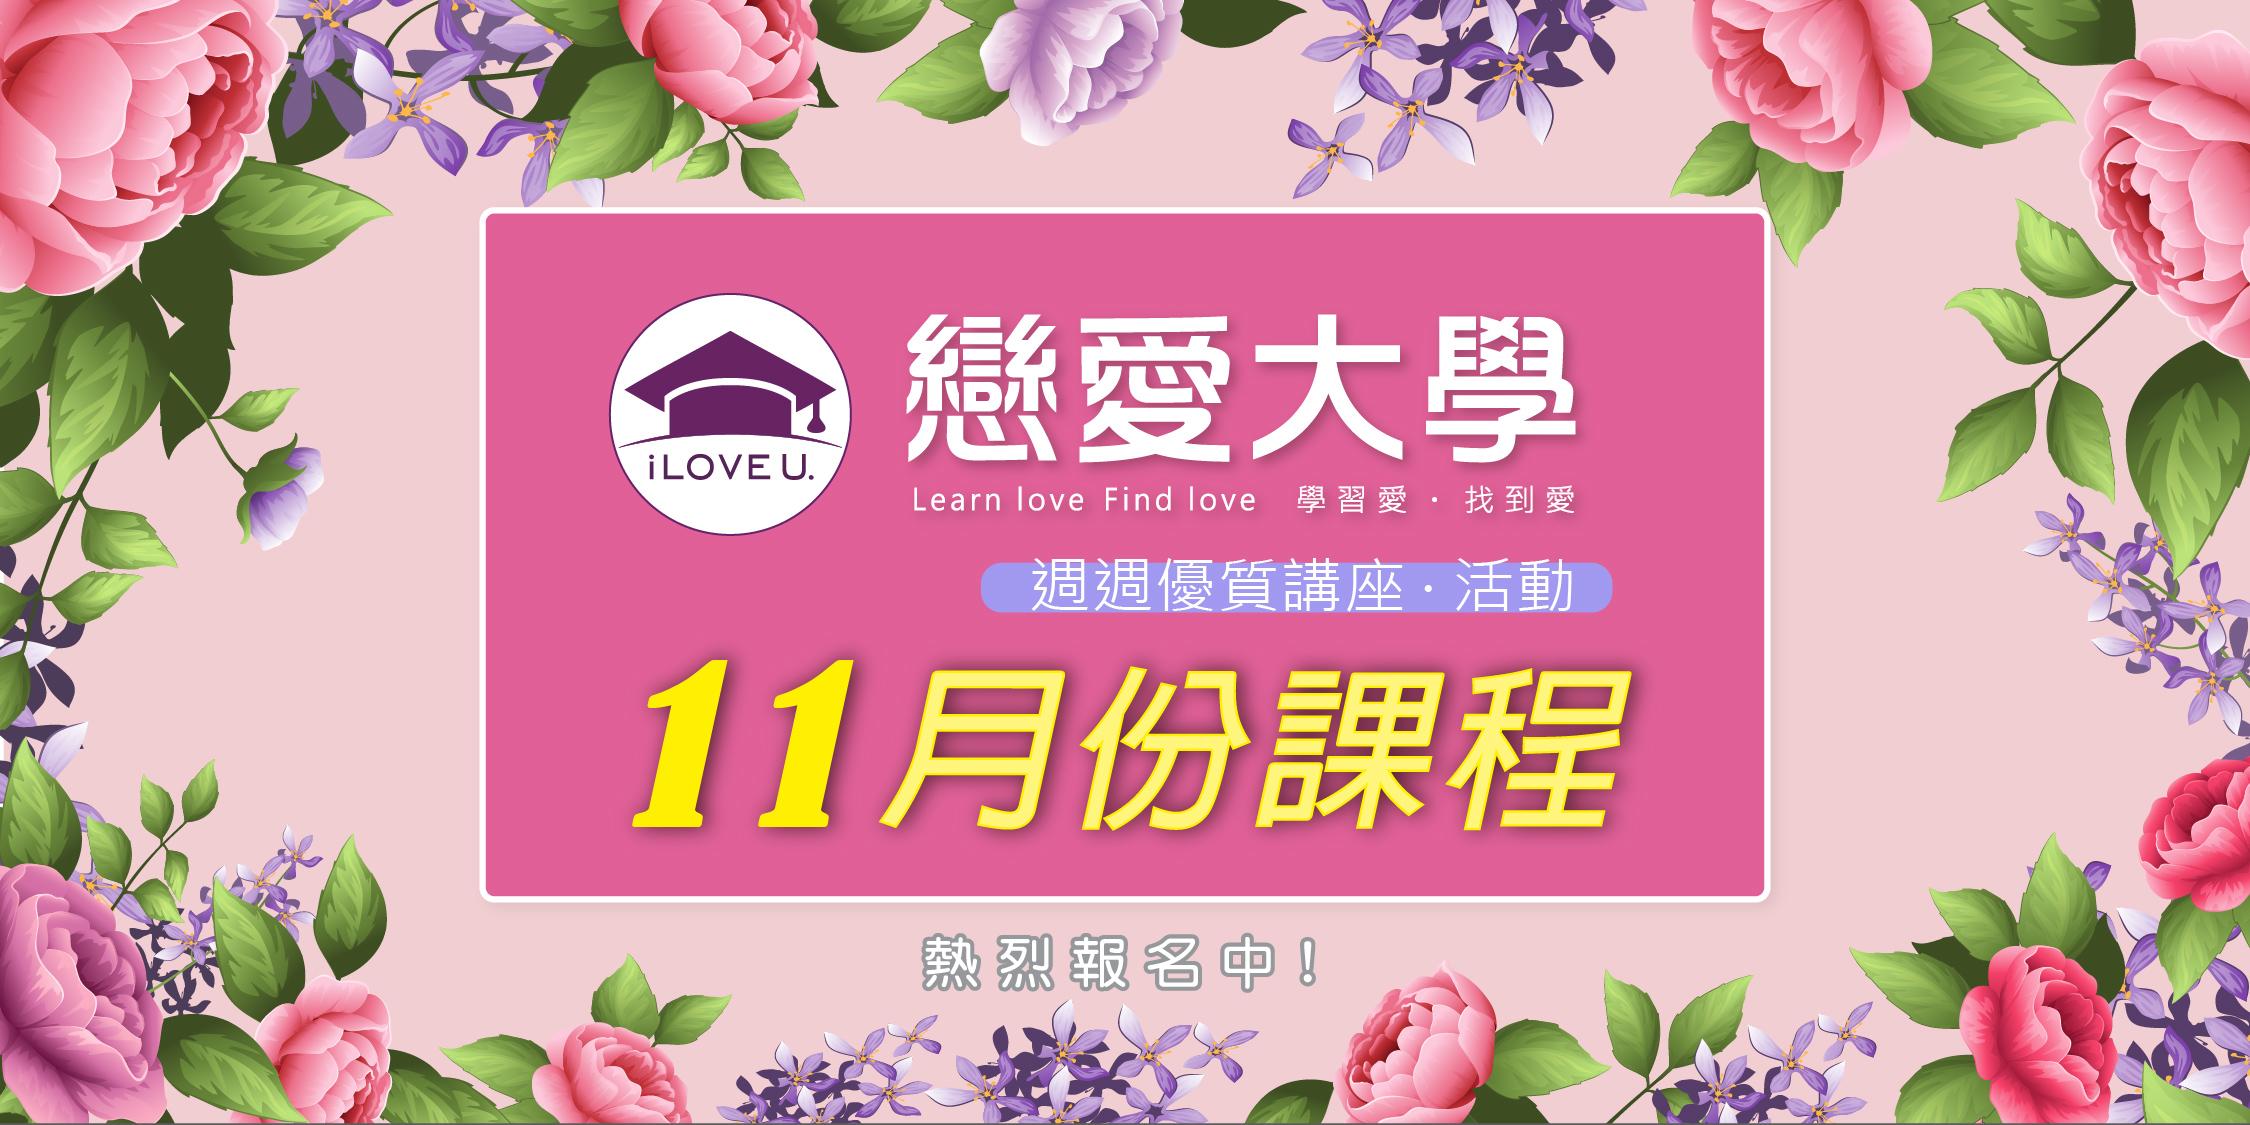 【戀愛大學11月份課表特輯】熱烈報名ing !